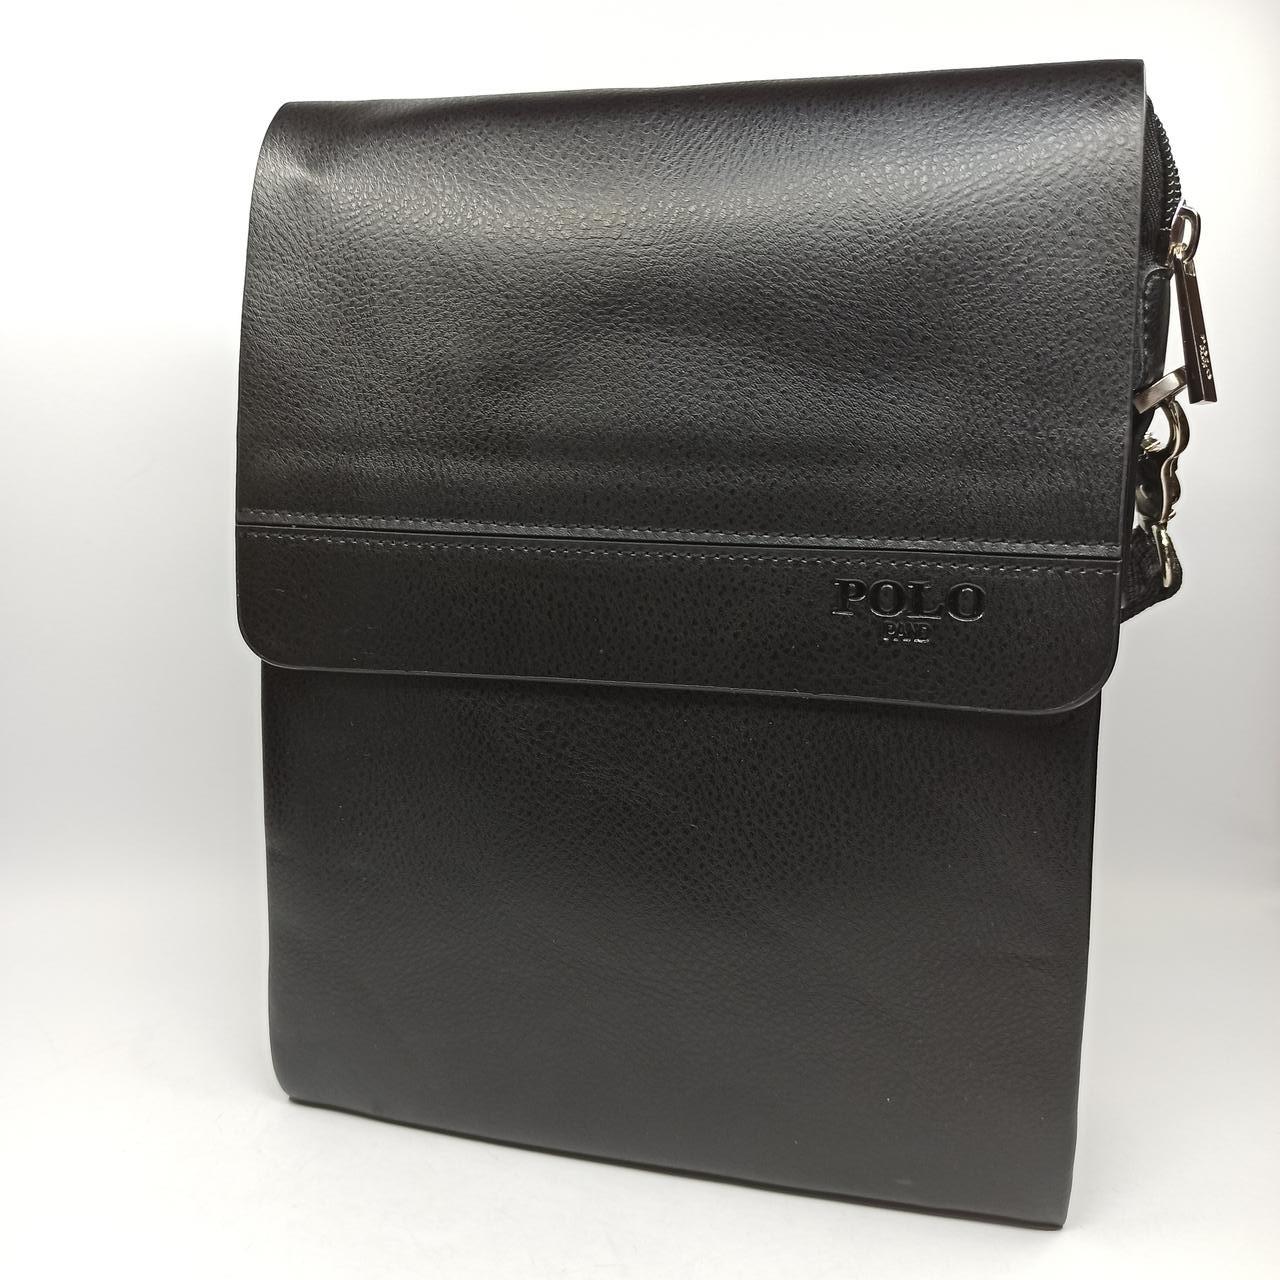 Шкіряна чоловіча сумка через плече / Мужская кожаная сумка через плечо Polo